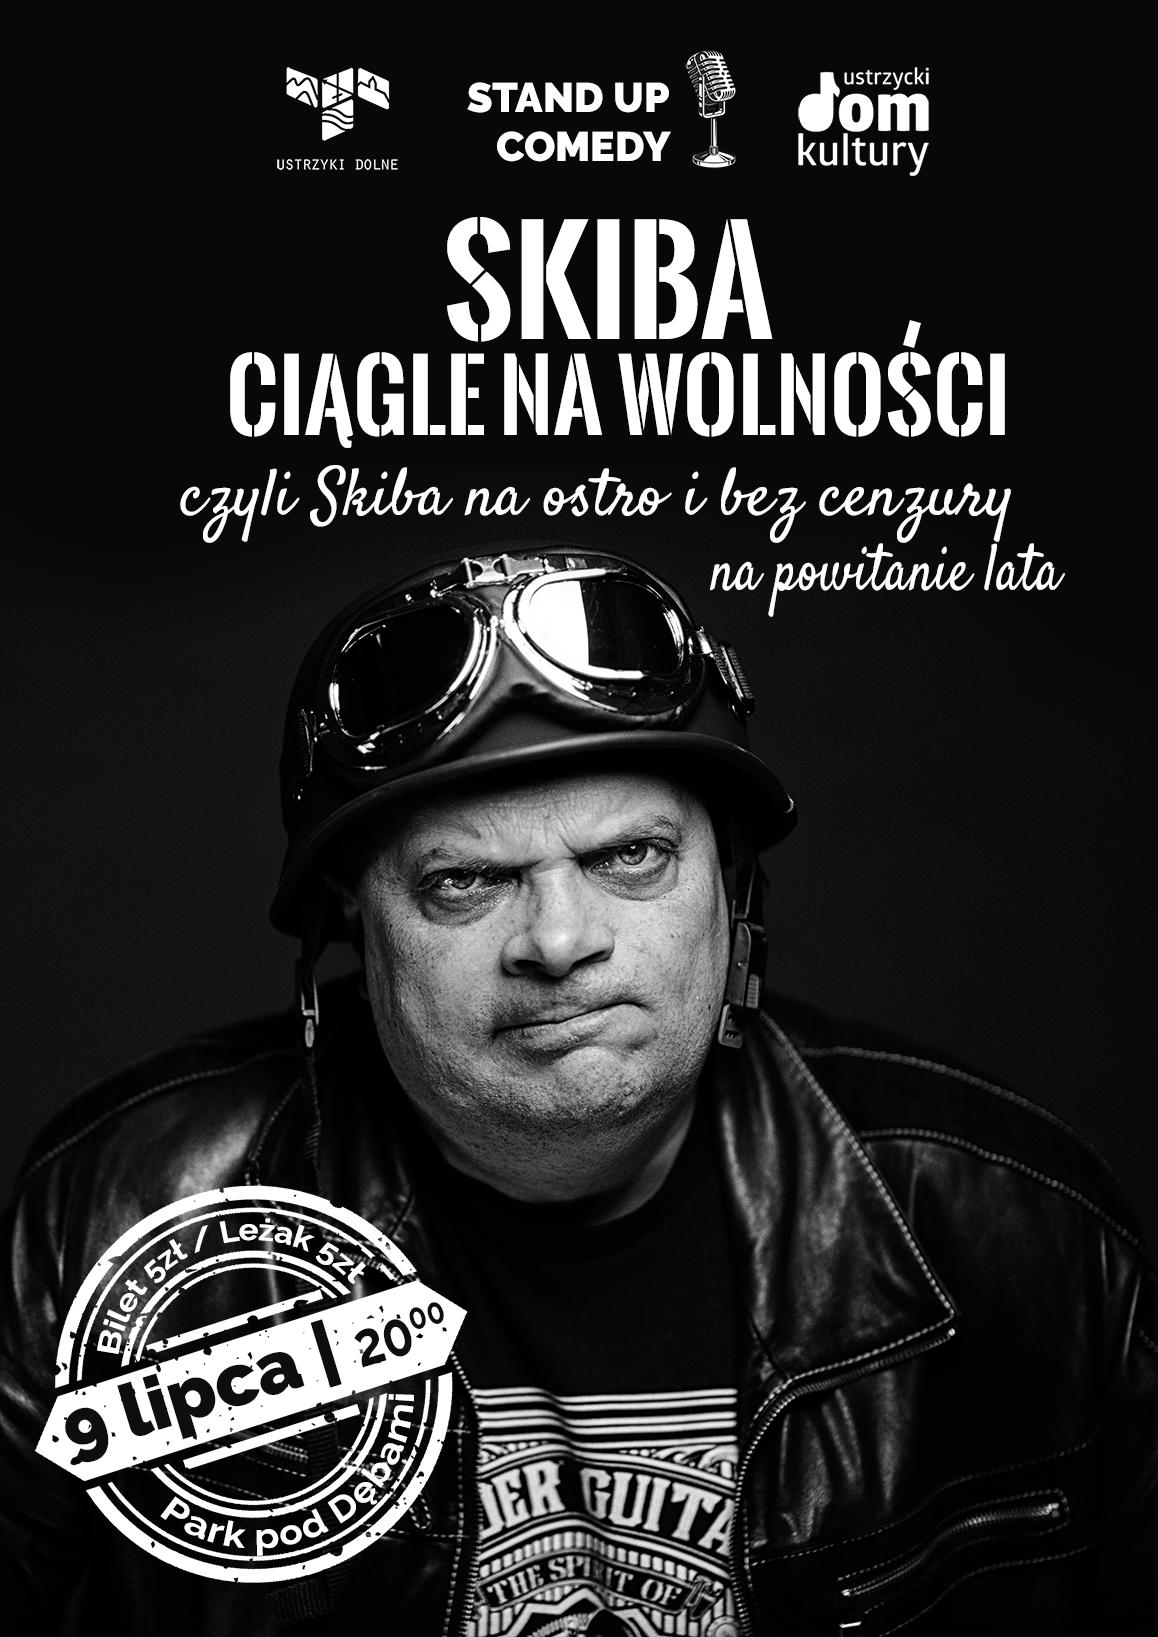 Stand up - Skiba. Ciągle na wolności - plakat